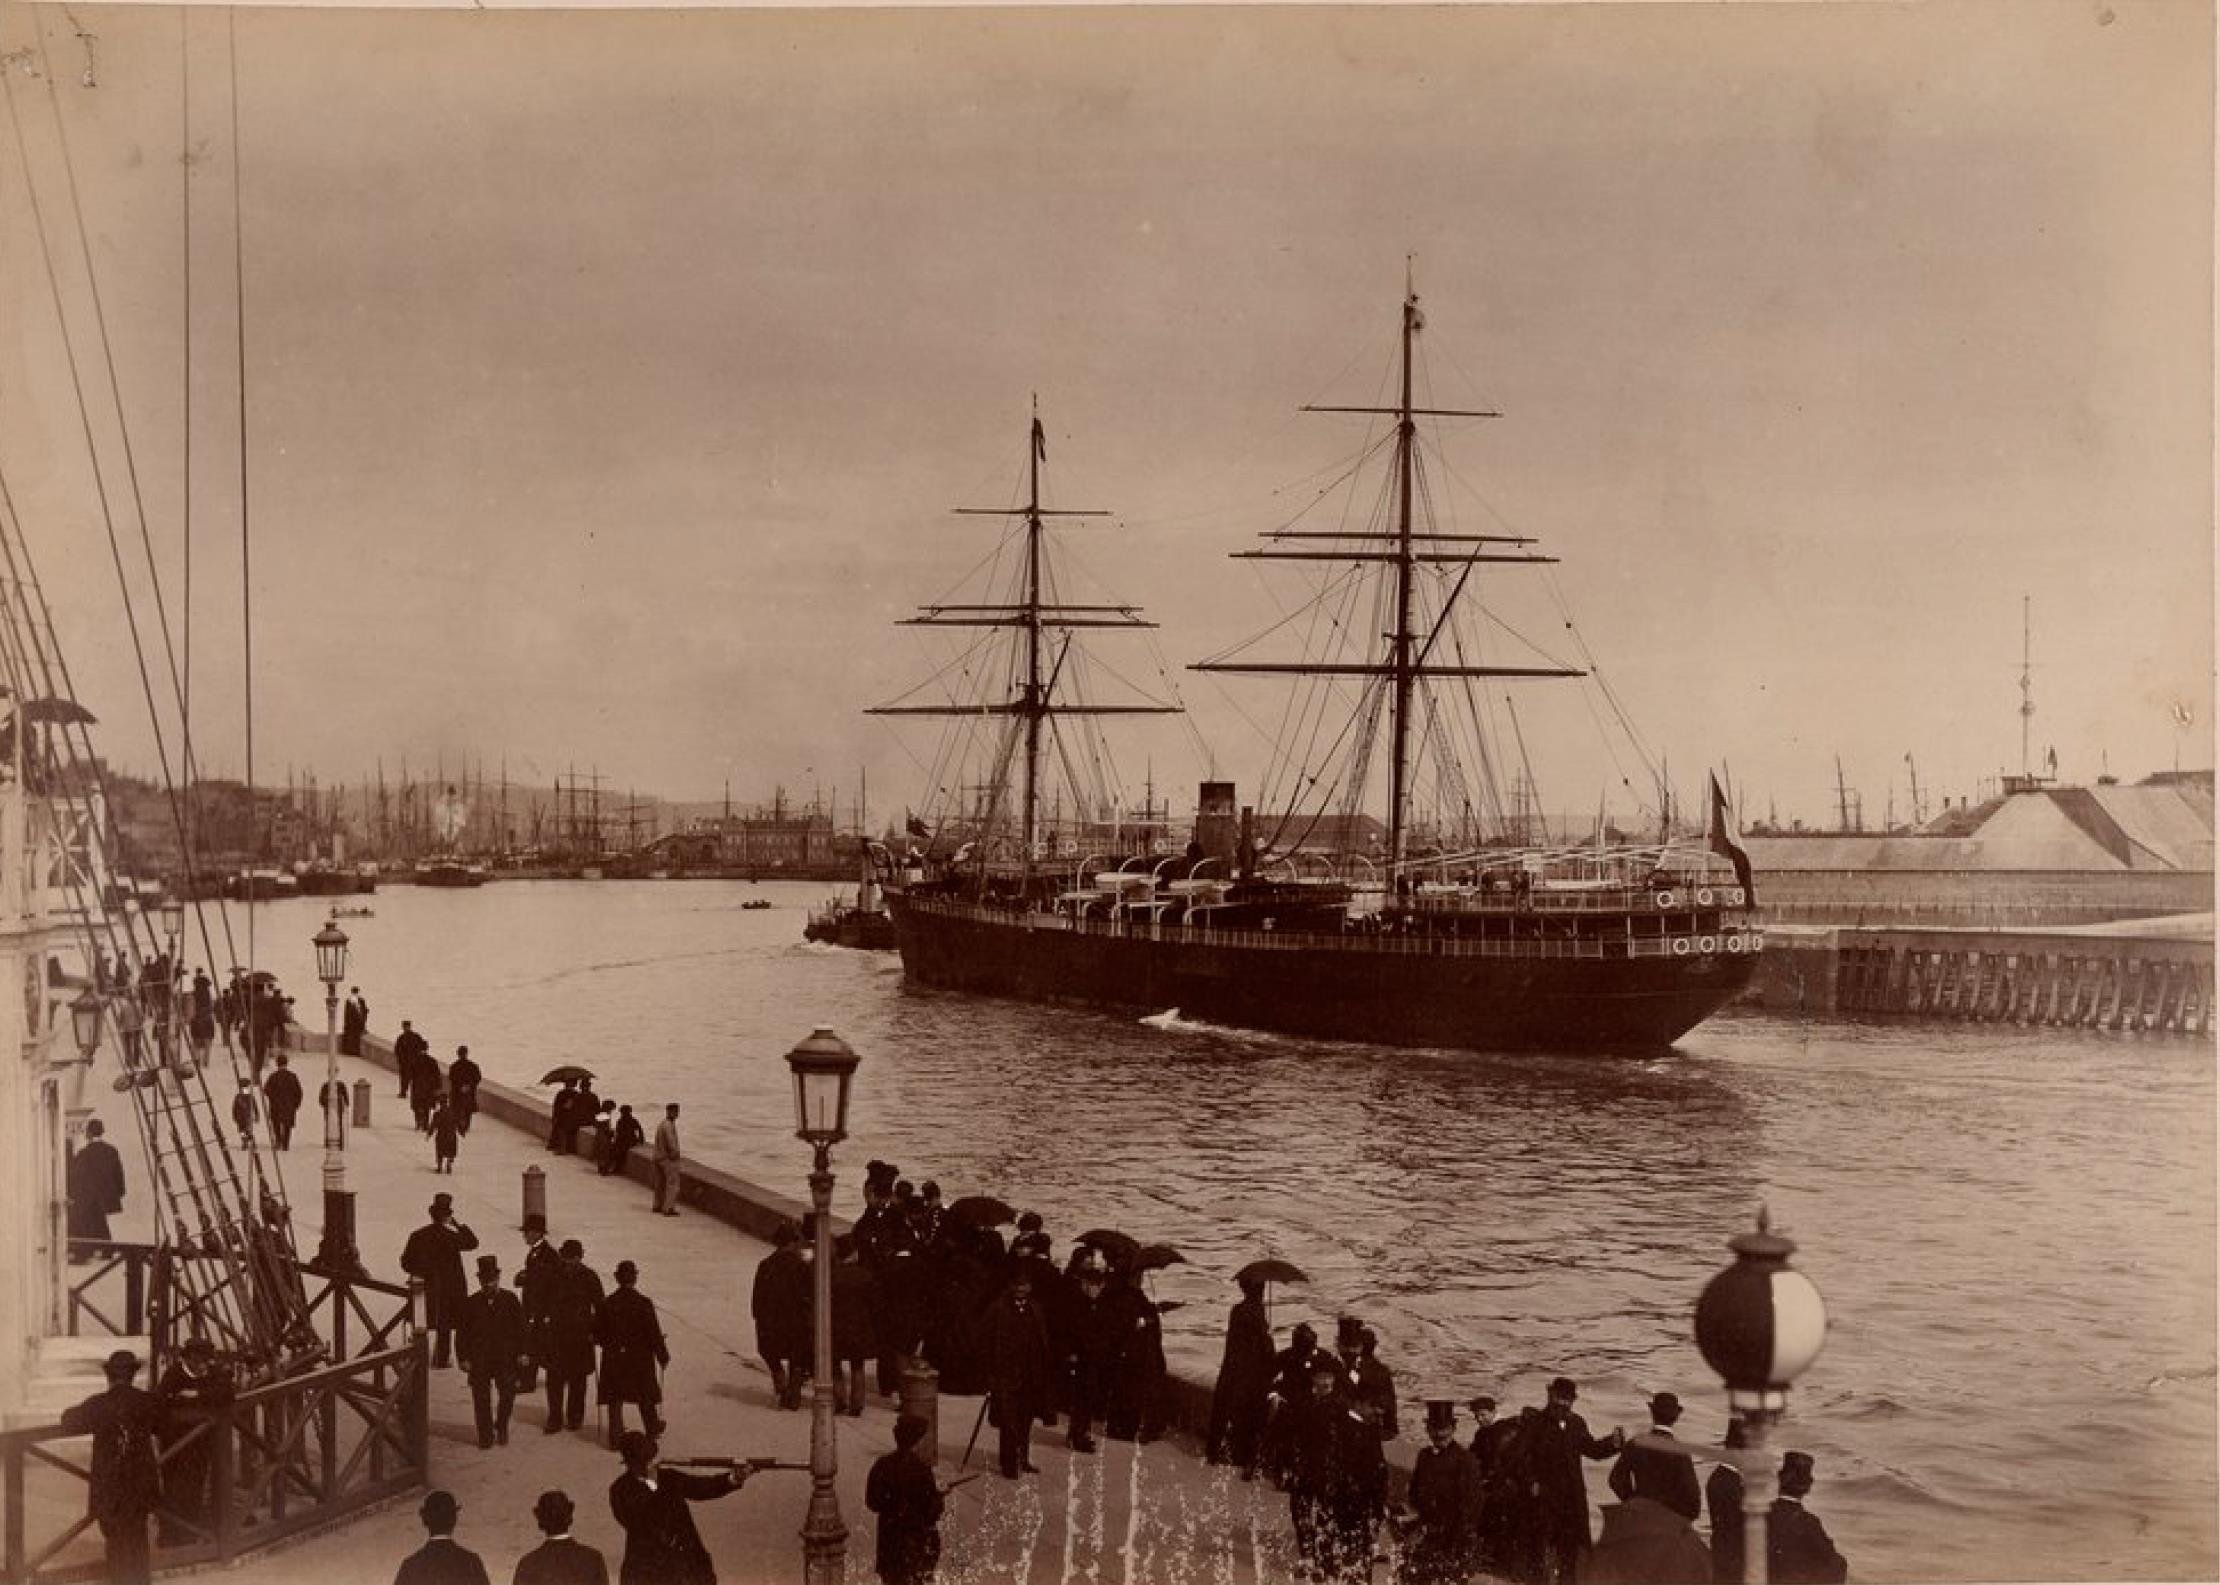 Компания «Chargeurs Reunis». Гавр. Пассажирское судно «Парана», построенное на верфях Луары. Линия Гавр - Южная Америка